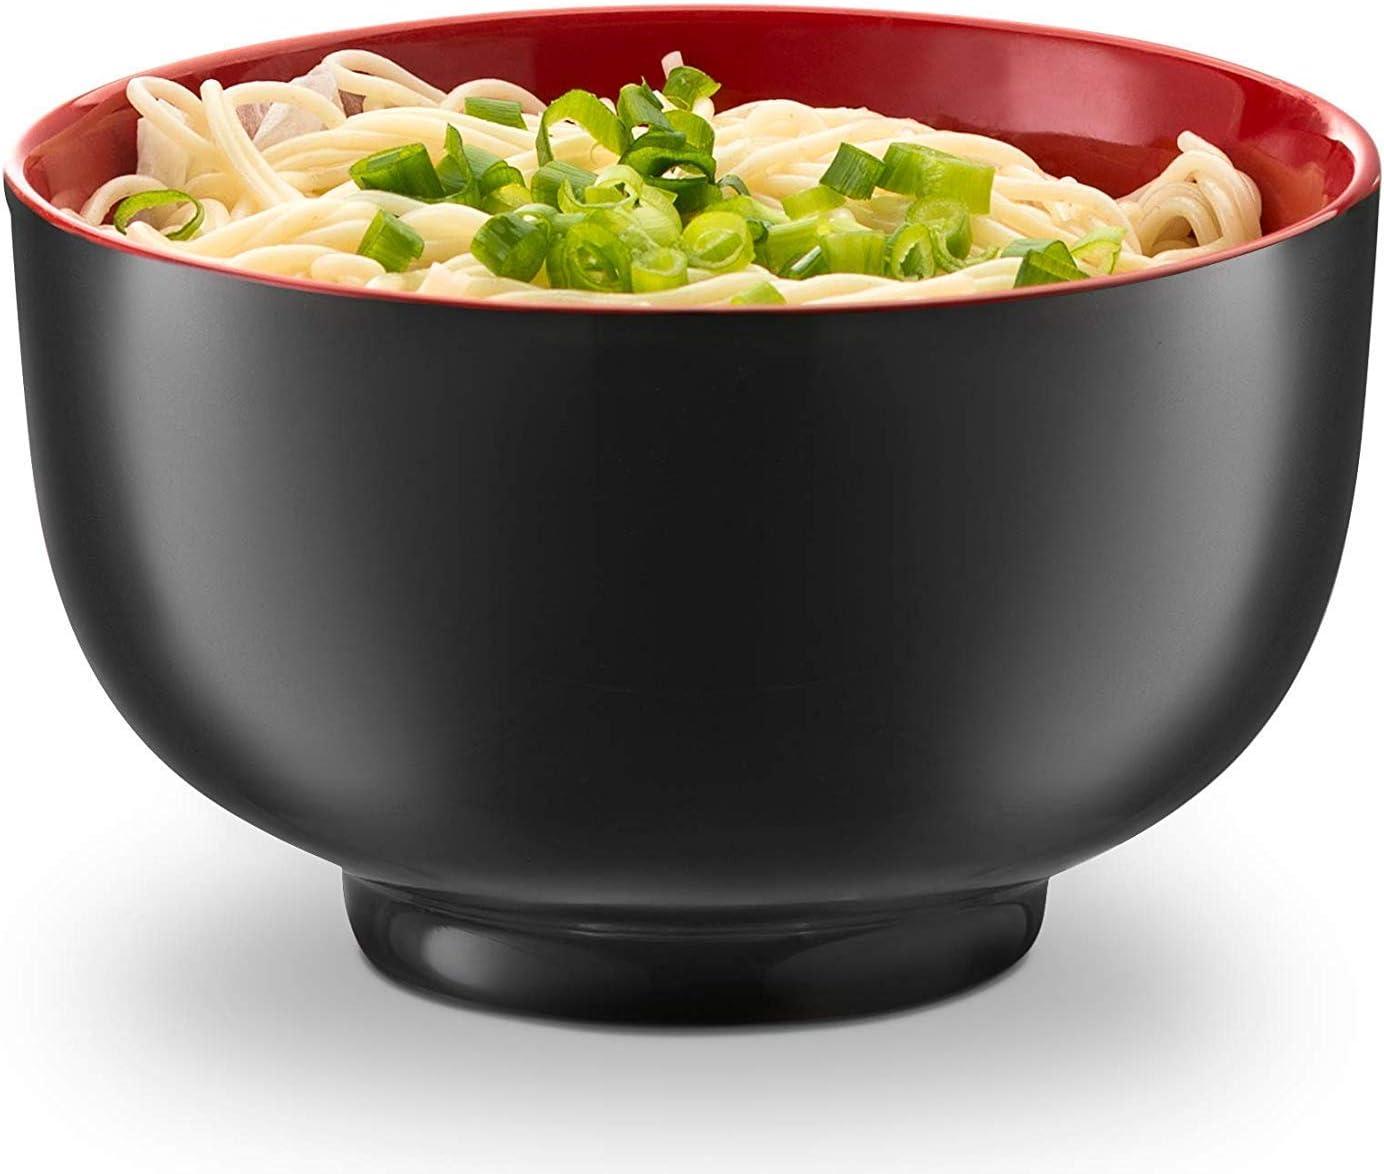 soupe bols chinois DOITOOL Lot de 4 bols en c/éramique japonais de c/ér/éales de Ramen bol de riz en porcelaine blanche et bleue pour c/ér/éales doux salon de riz